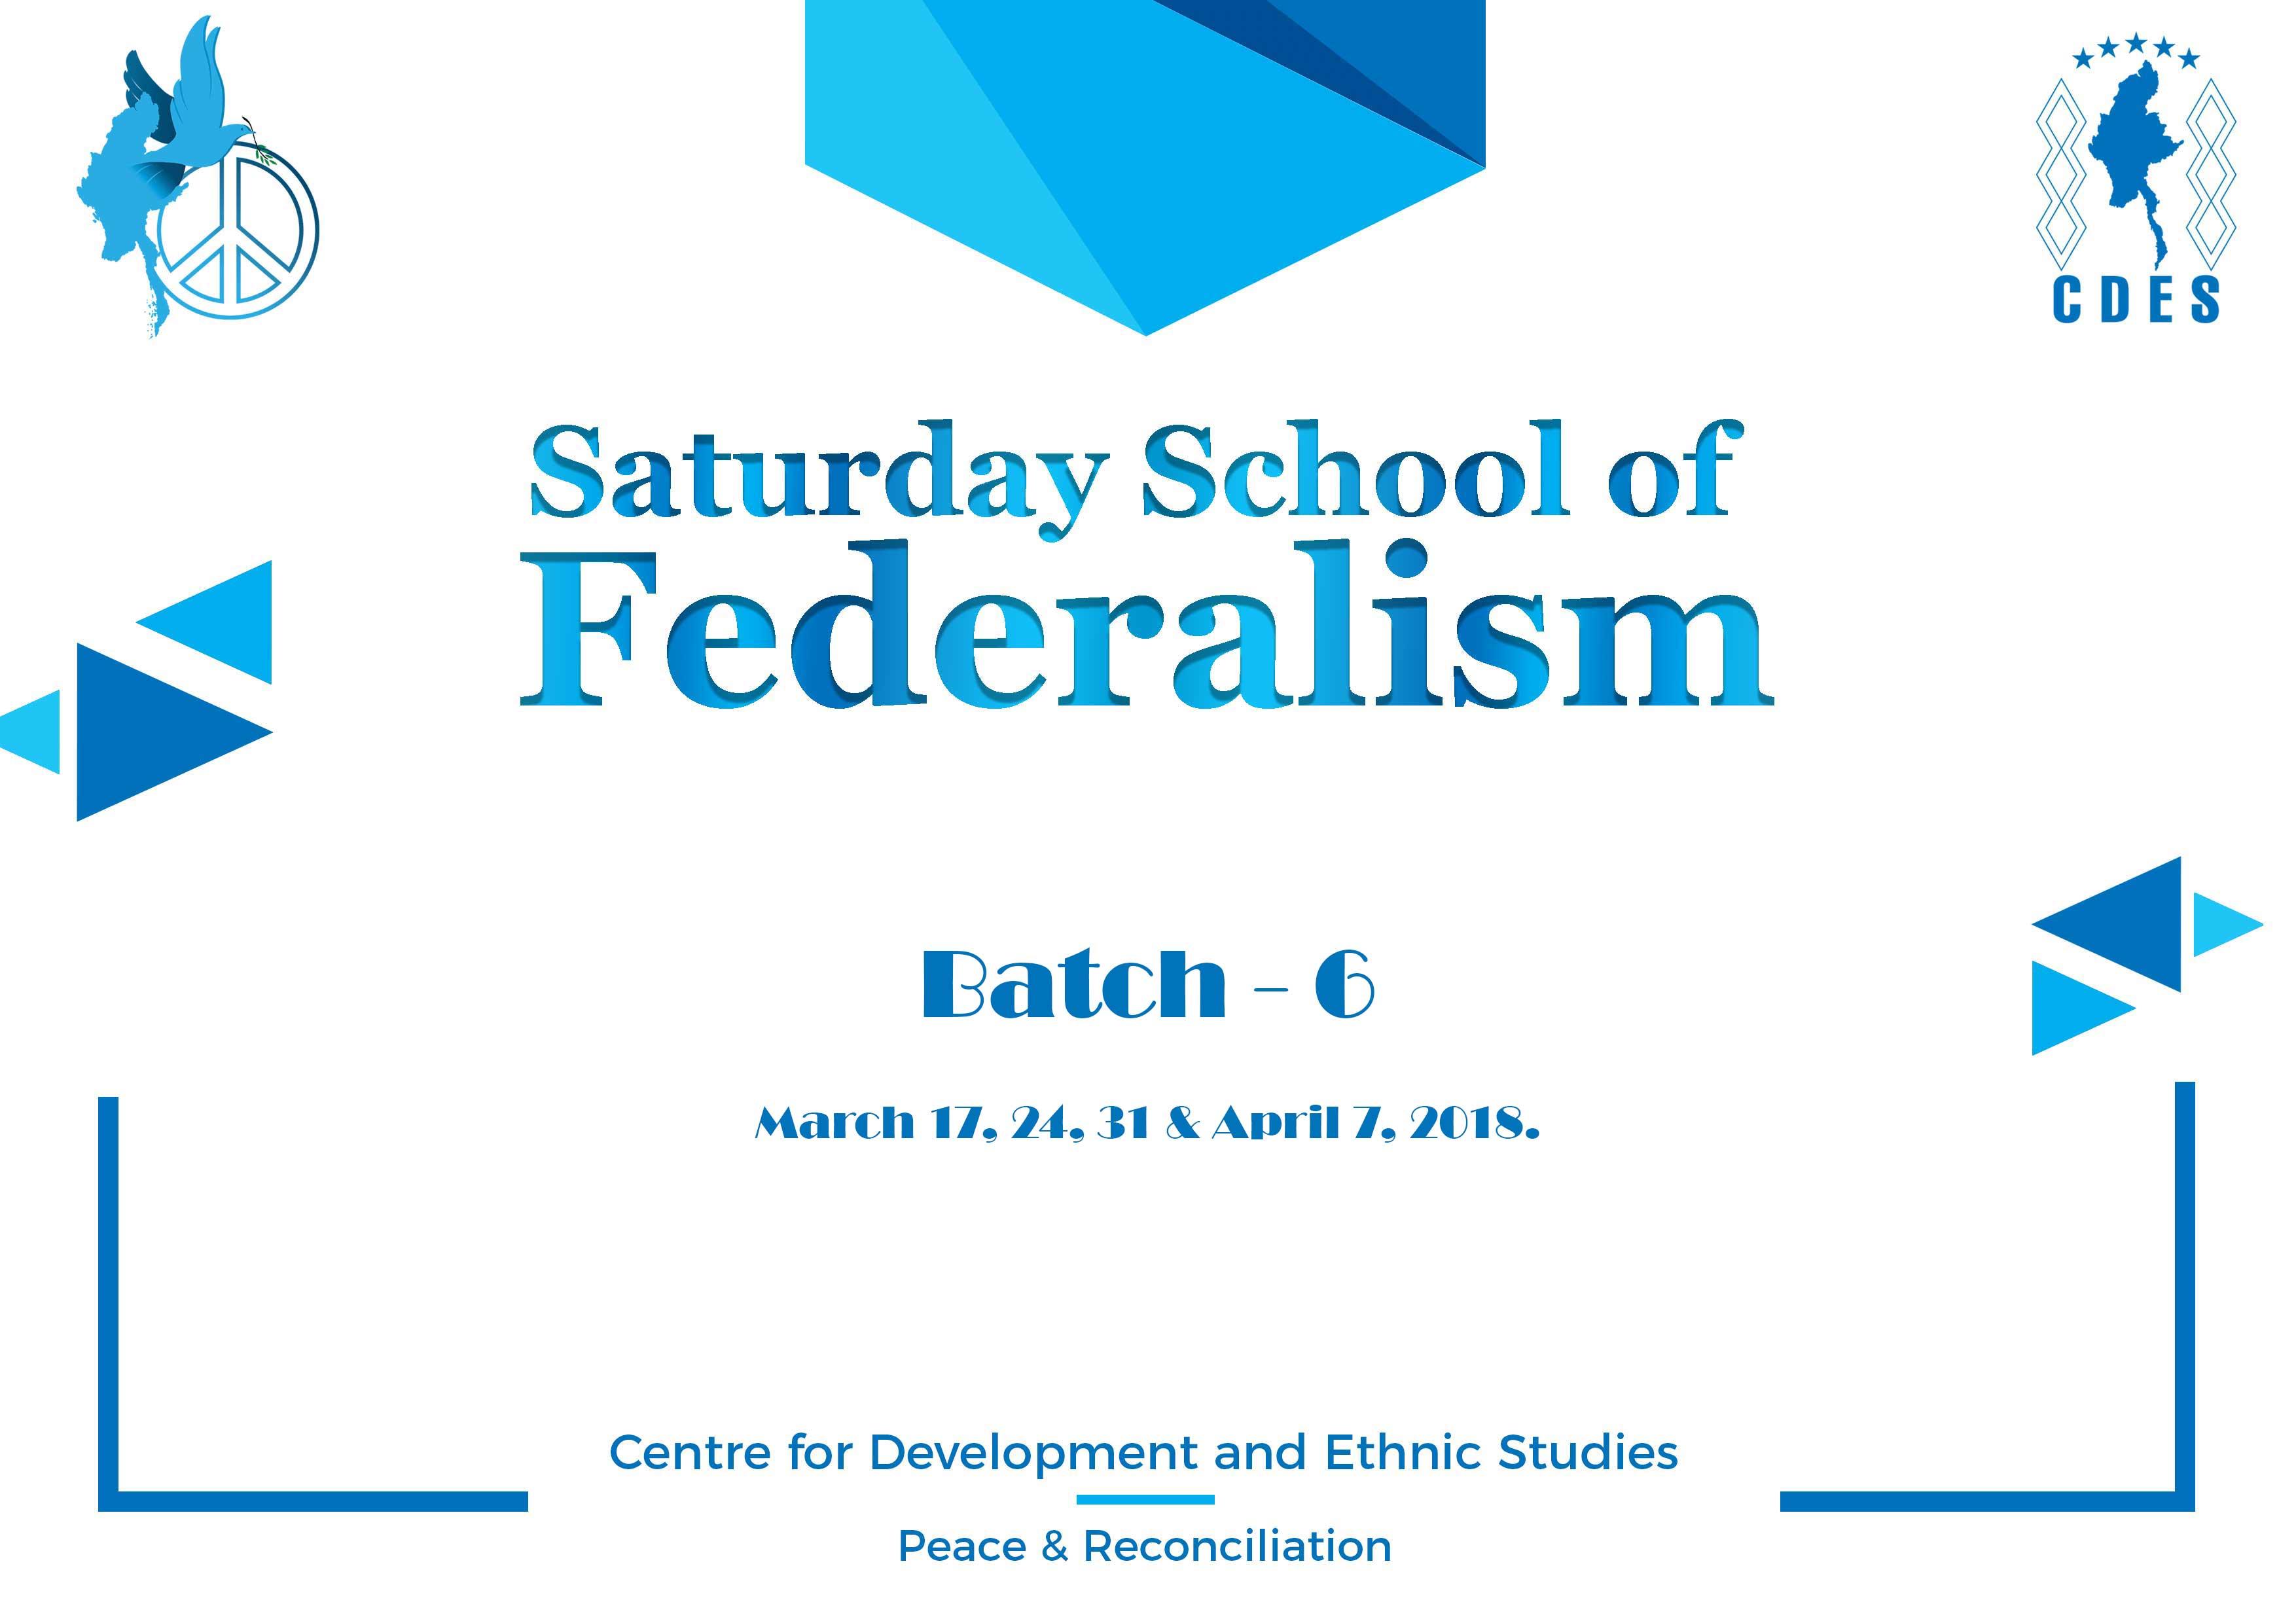 Saturday School of Federalism (Batch-6)